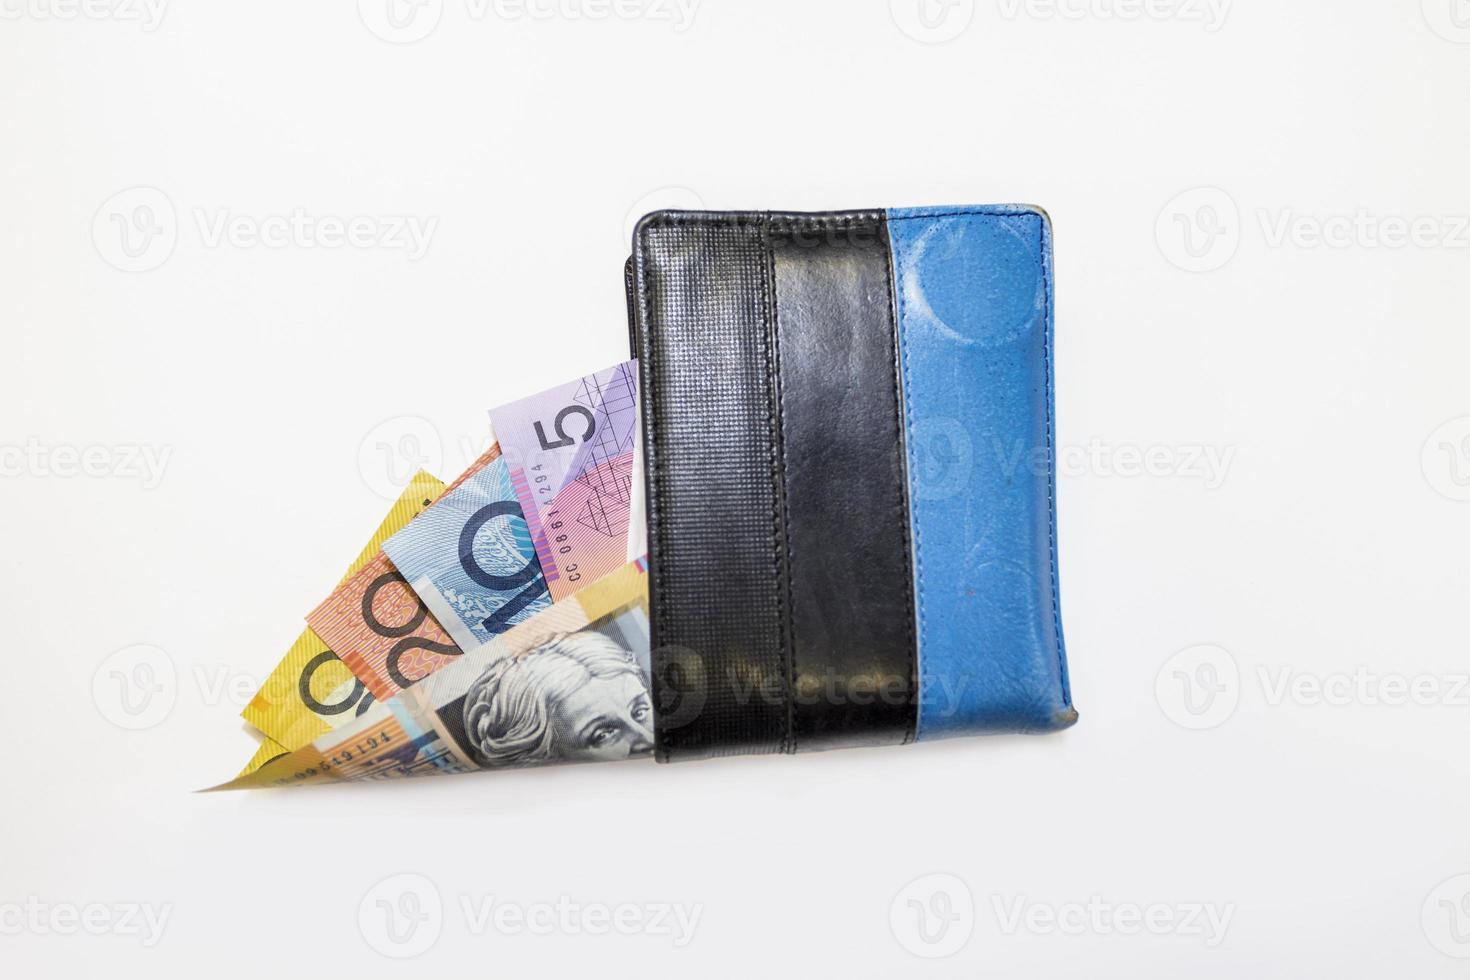 Geld in der Brieftasche foto